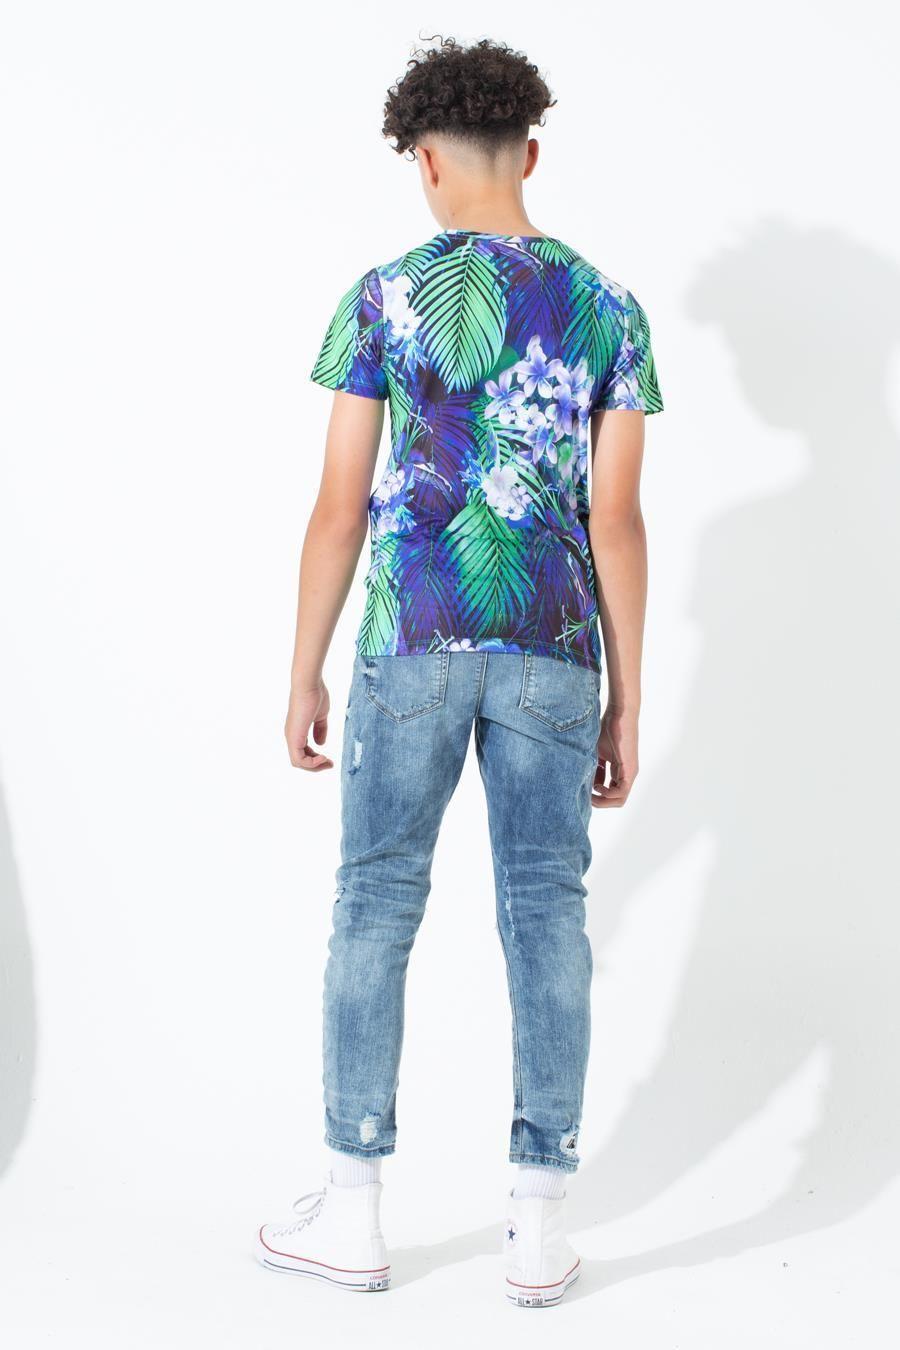 Hype Cyan Palm Kids T-Shirt 7-8Y